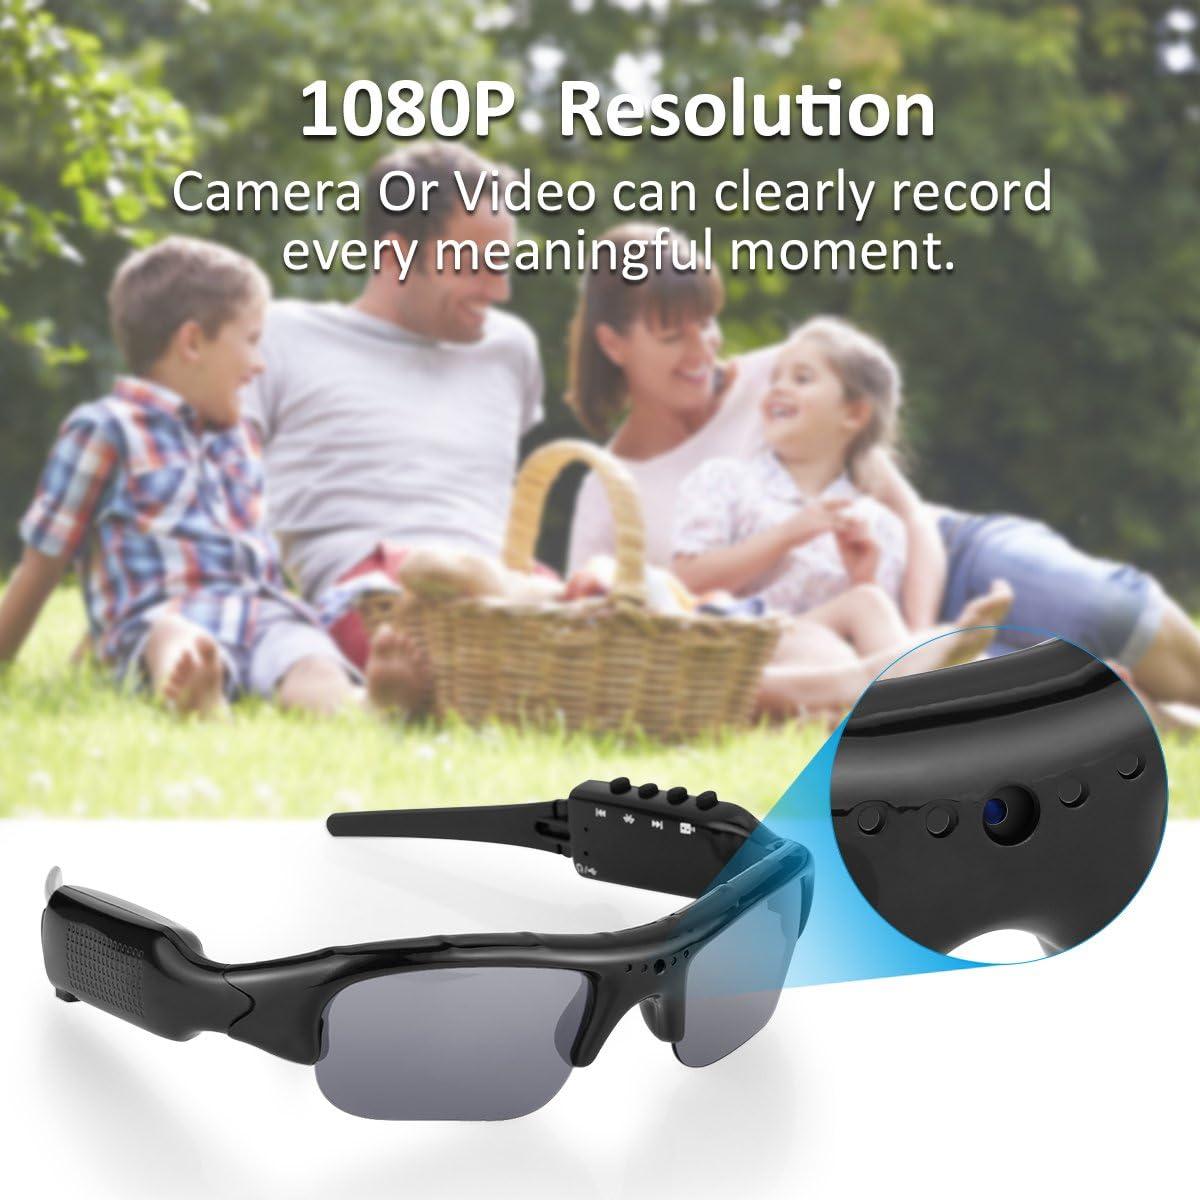 DIGGRO DG 01 Caméra Lunettes de soleil Enregistrement 1080P Vidéo HD et Photographie Bluetooth 4.0 Lunettes Polarisées Lunettes de Protection Support